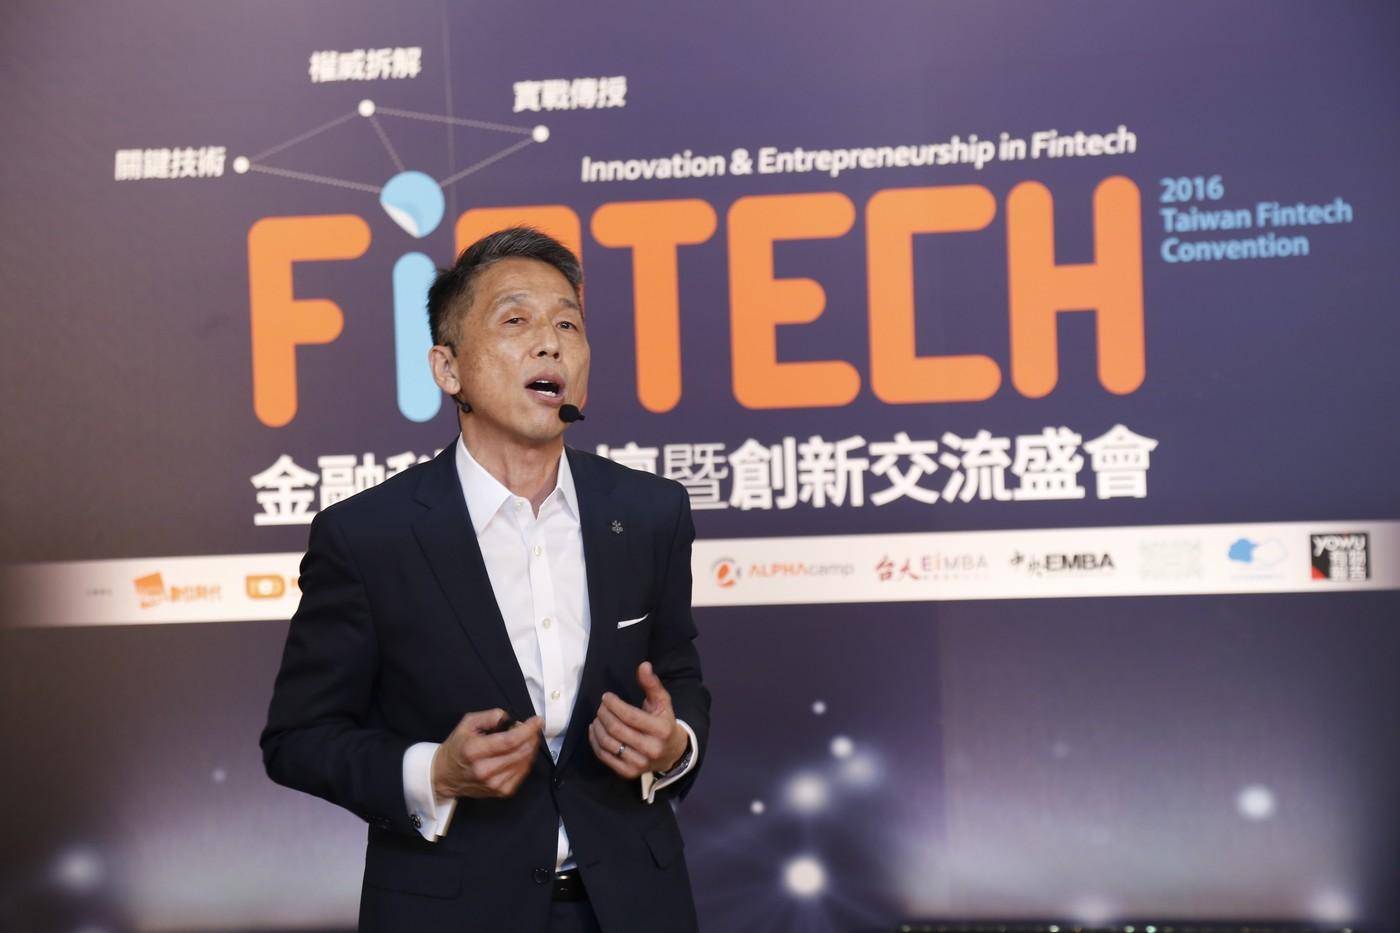 傳統金融業搶FinTech先機 臺灣瑞銀:想像每個客戶都有「AI」幫忙